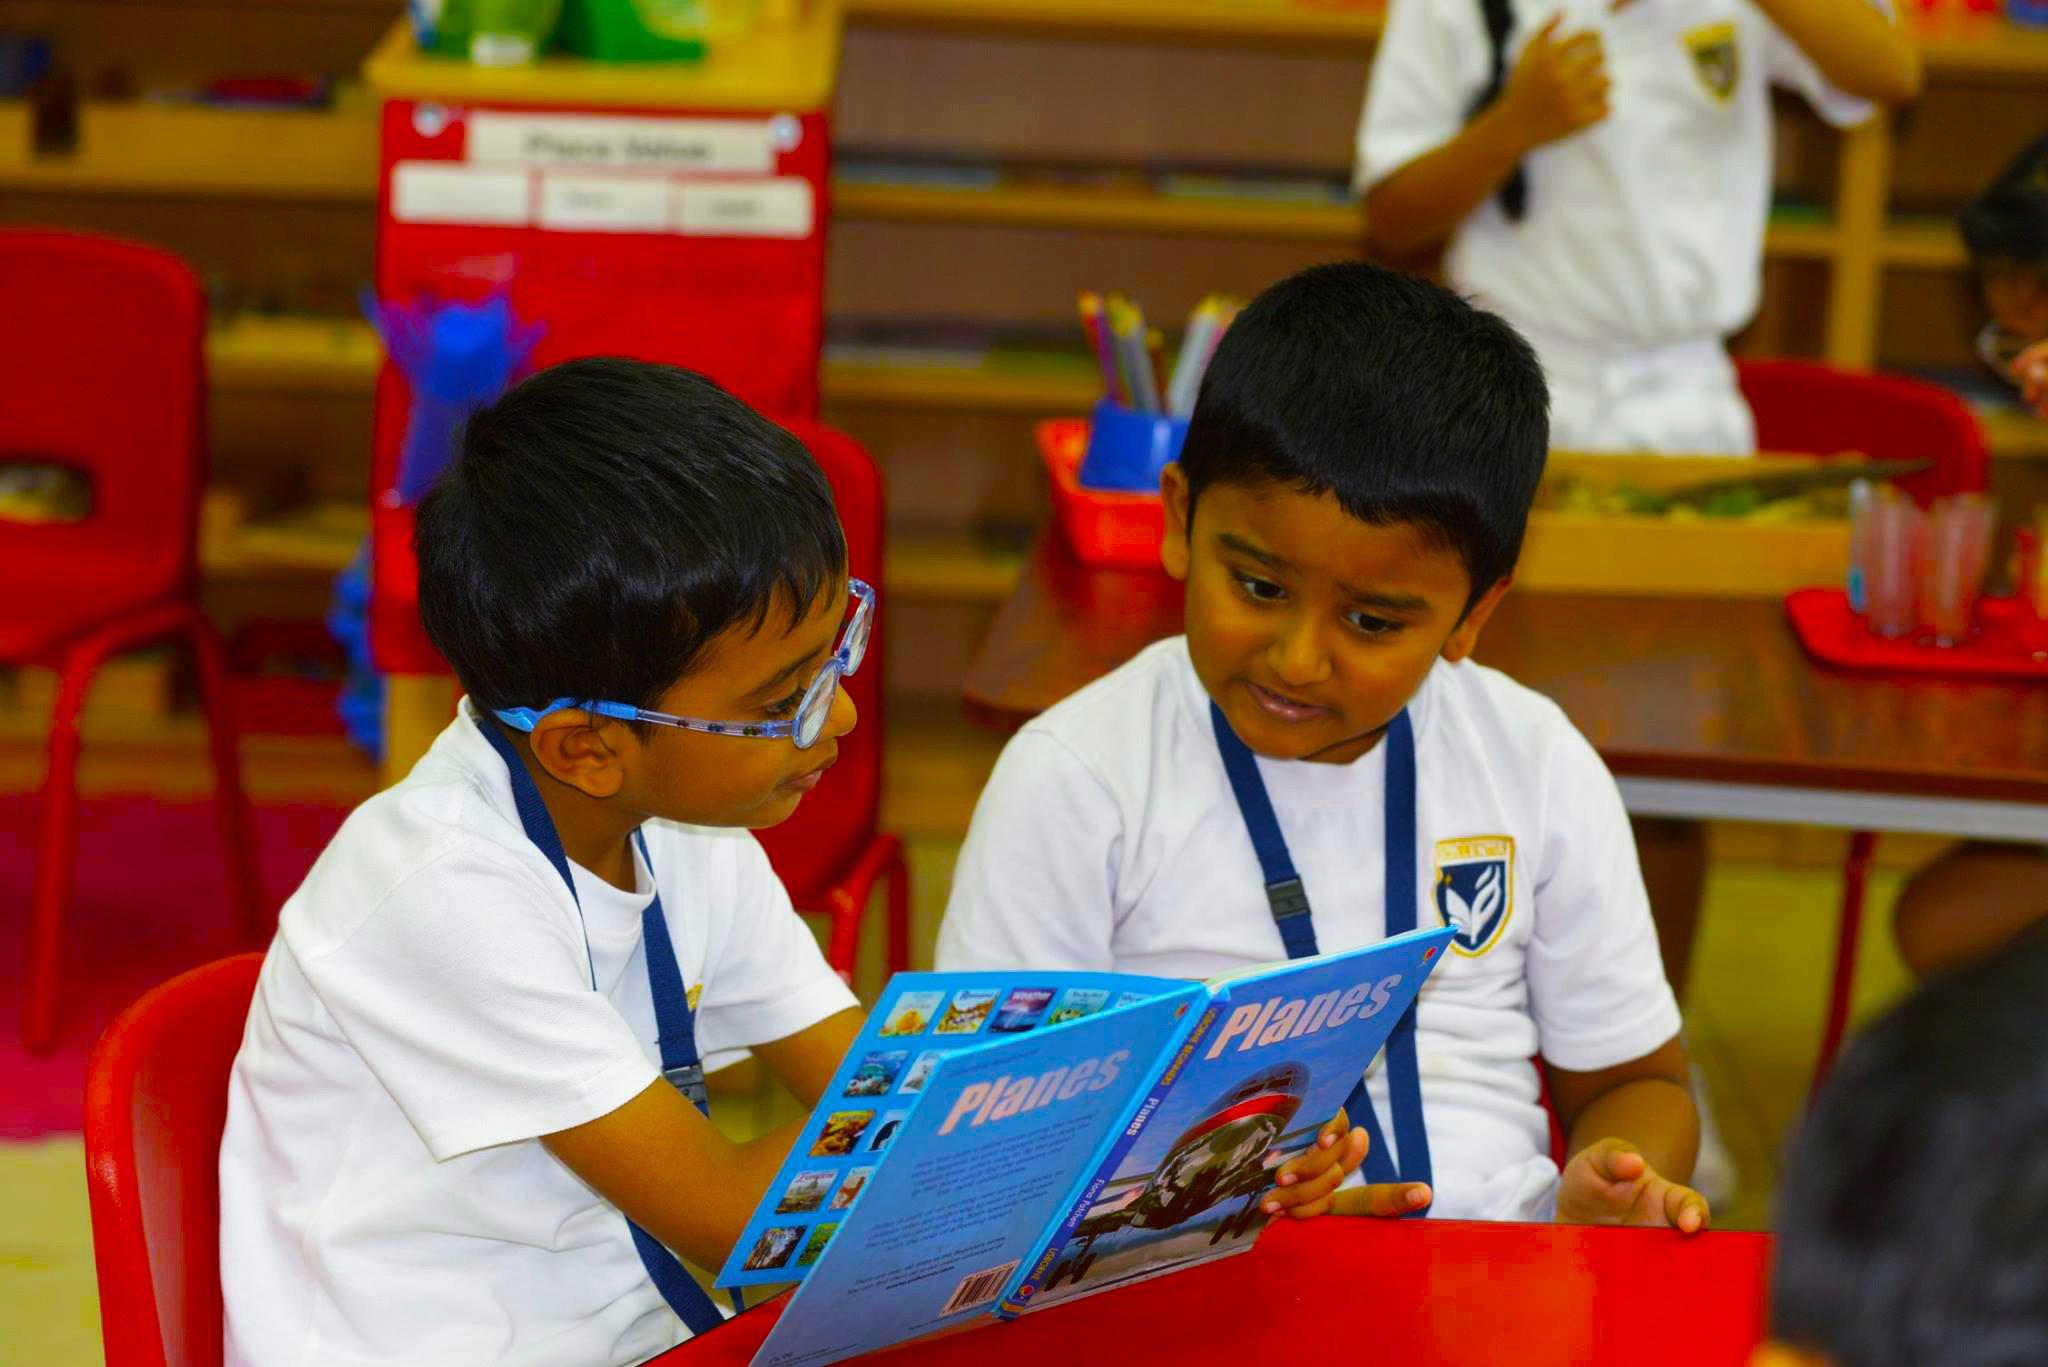 أطفال صغار يتعلمون في مدرسة جيمس الحديثة في دبي